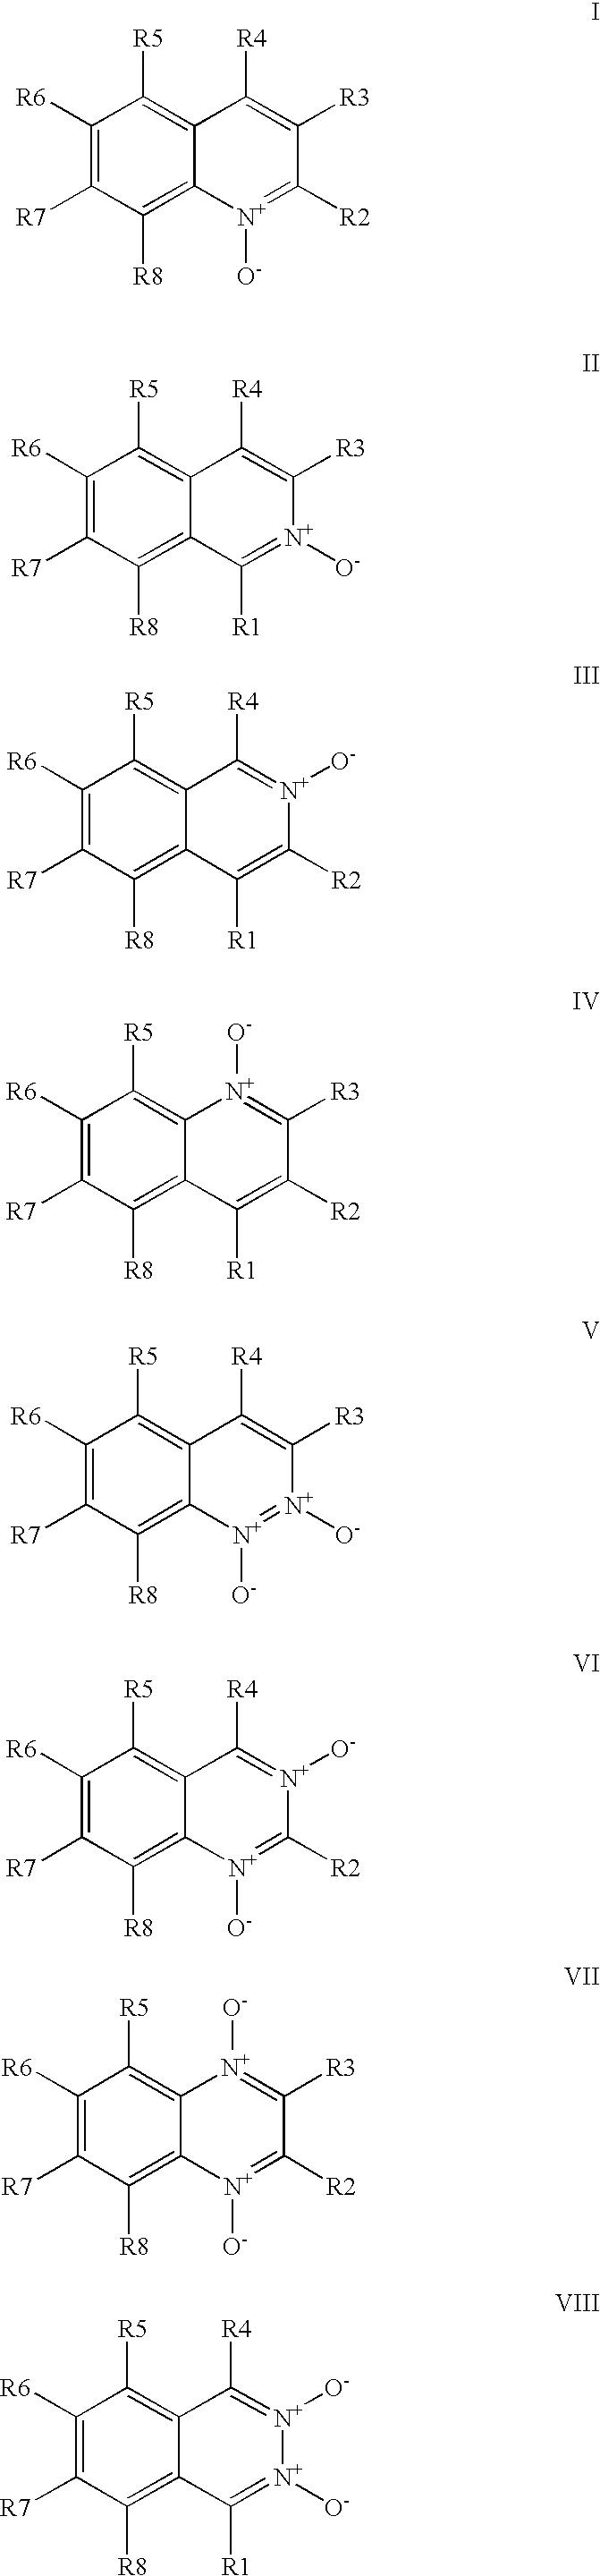 Figure US20060156483A1-20060720-C00023